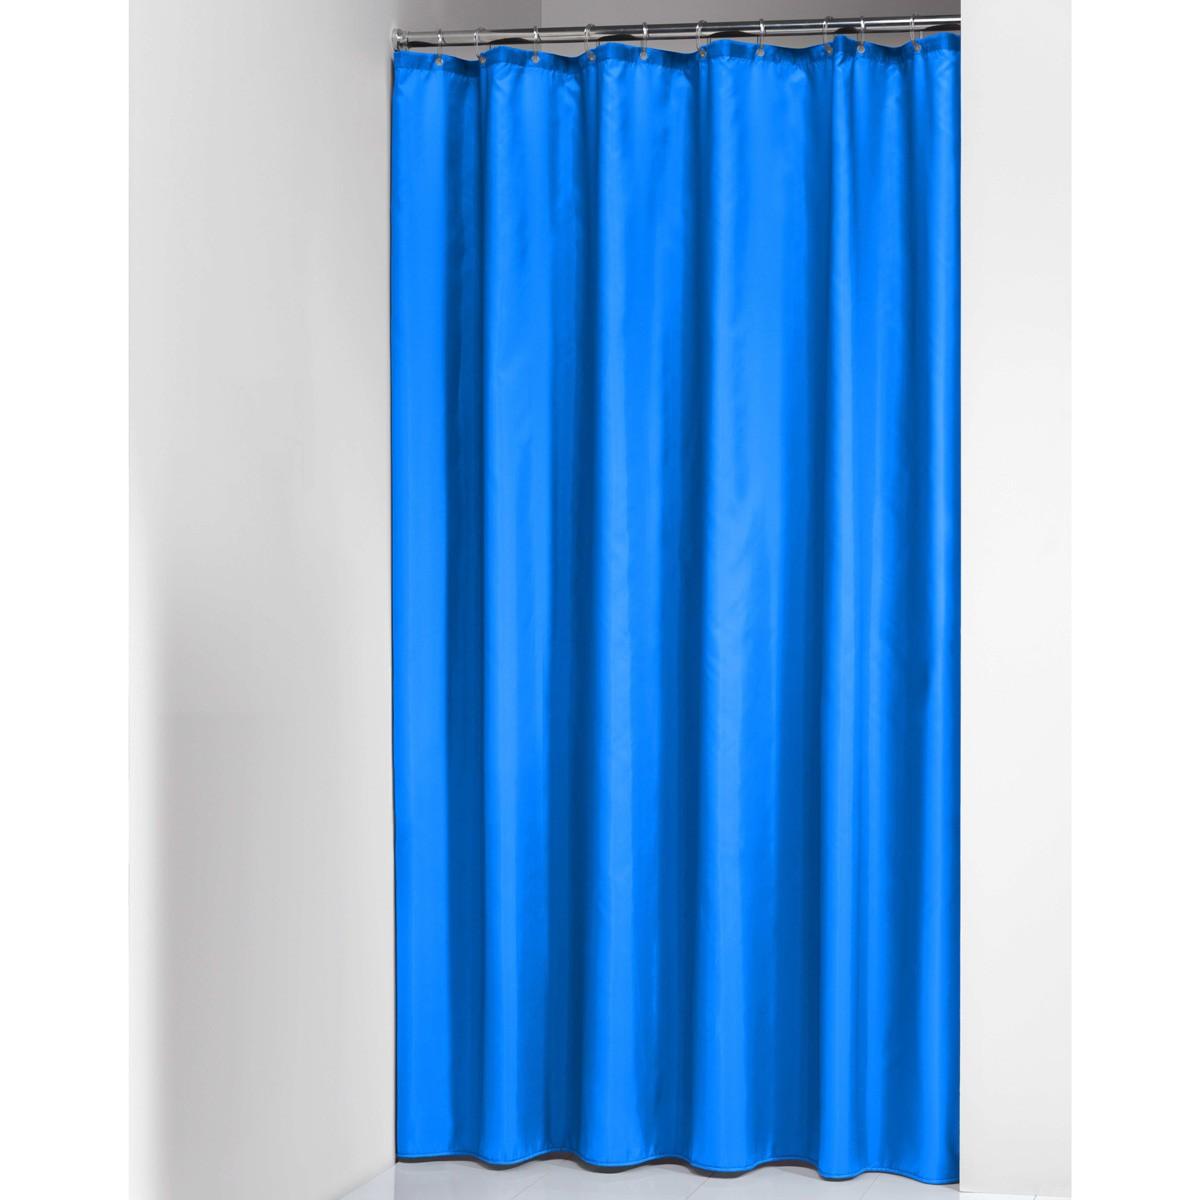 Κουρτίνα Μπάνιου Πλαστική (180x200) SealSkin Opaque Royal Blue